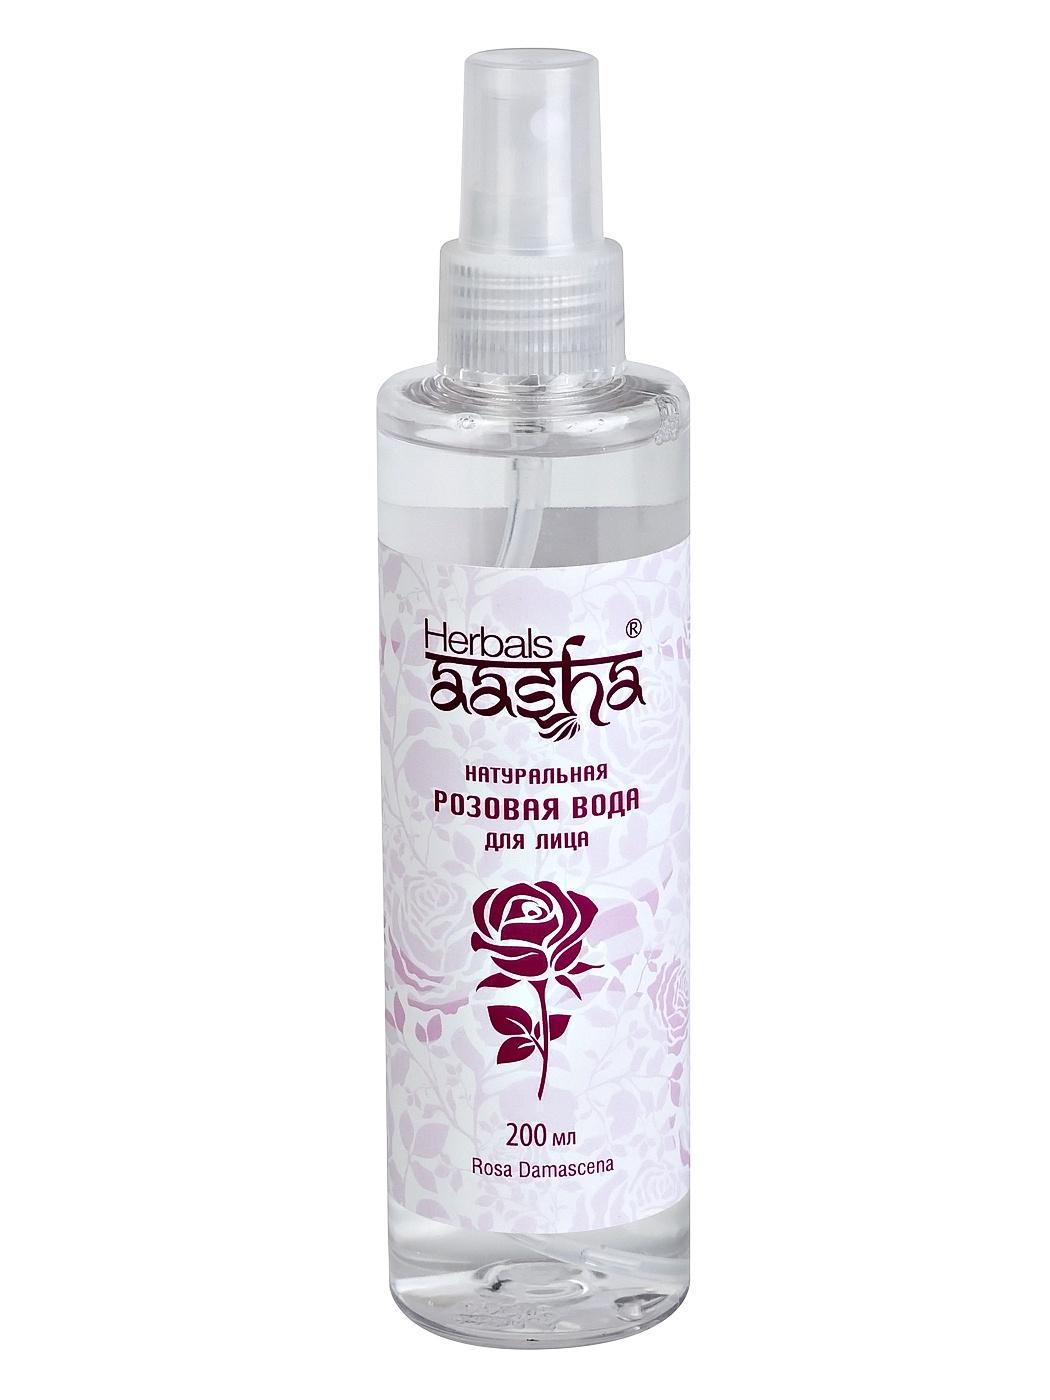 Aasha Herbals Натуральная Розовая вода-спрей, 200 мл